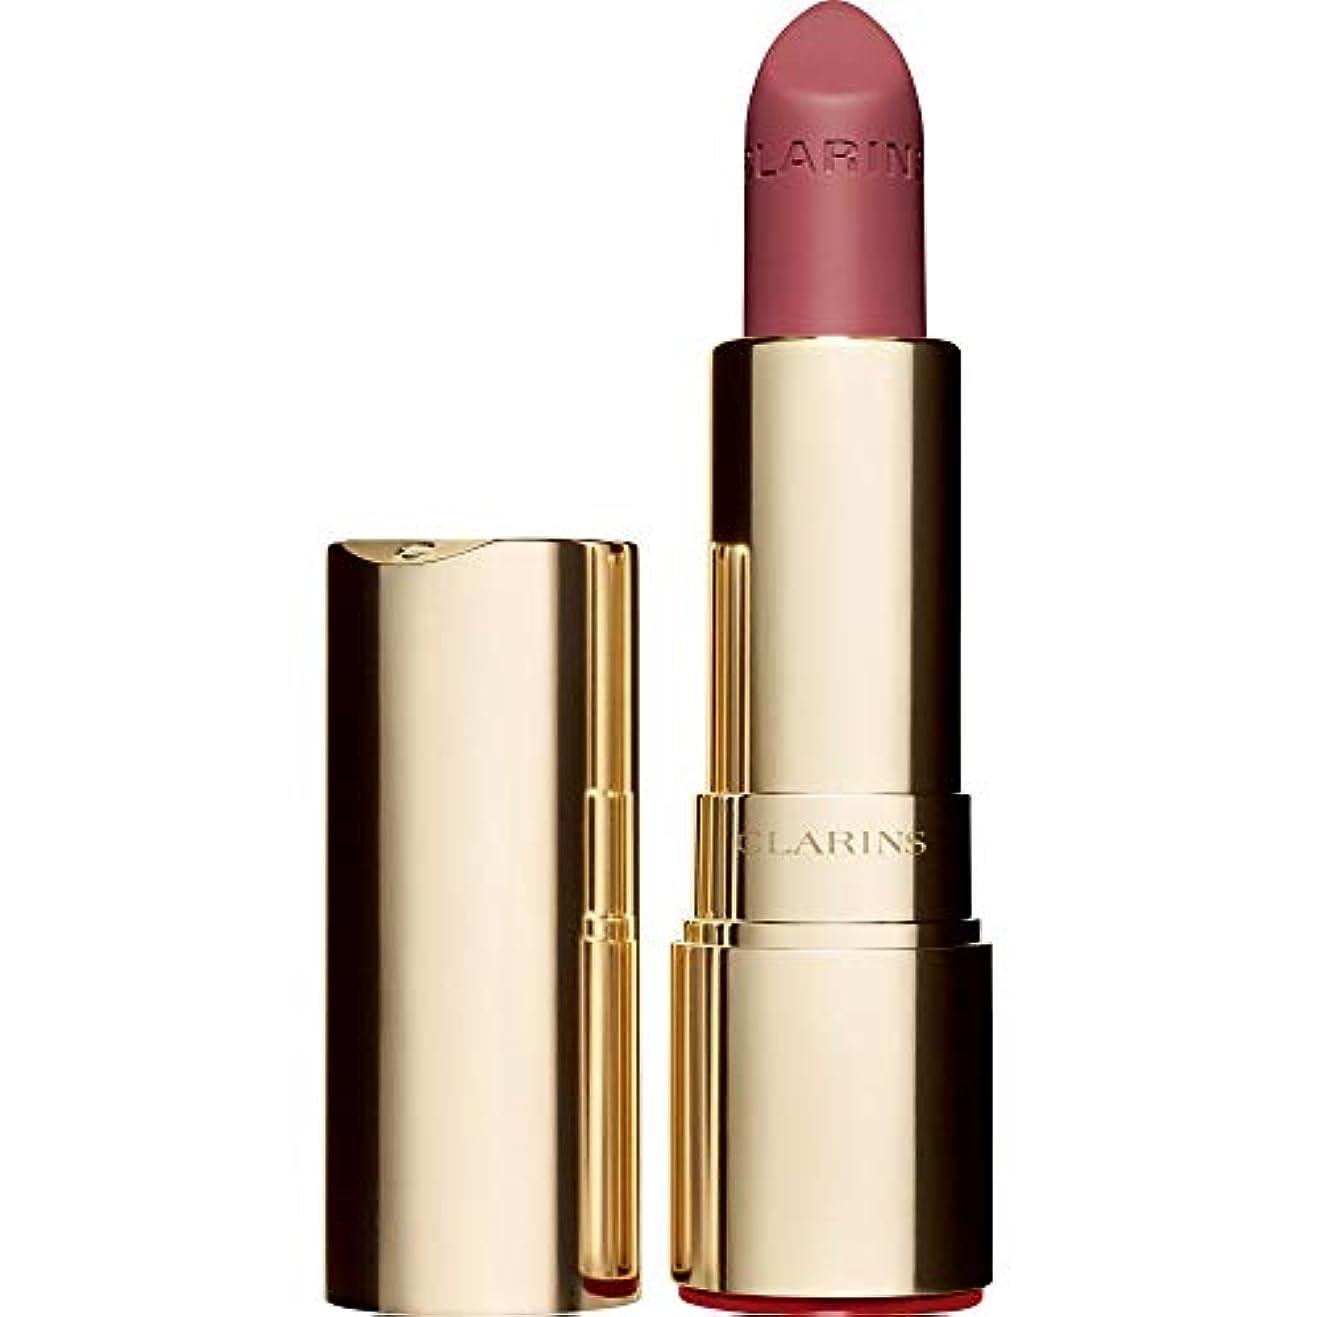 バー敬の念自己[Clarins ] クラランスジョリルージュのベルベットの口紅3.5グラムの752V - ローズウッド - Clarins Joli Rouge Velvet Lipstick 3.5g 752V - Rosewood...